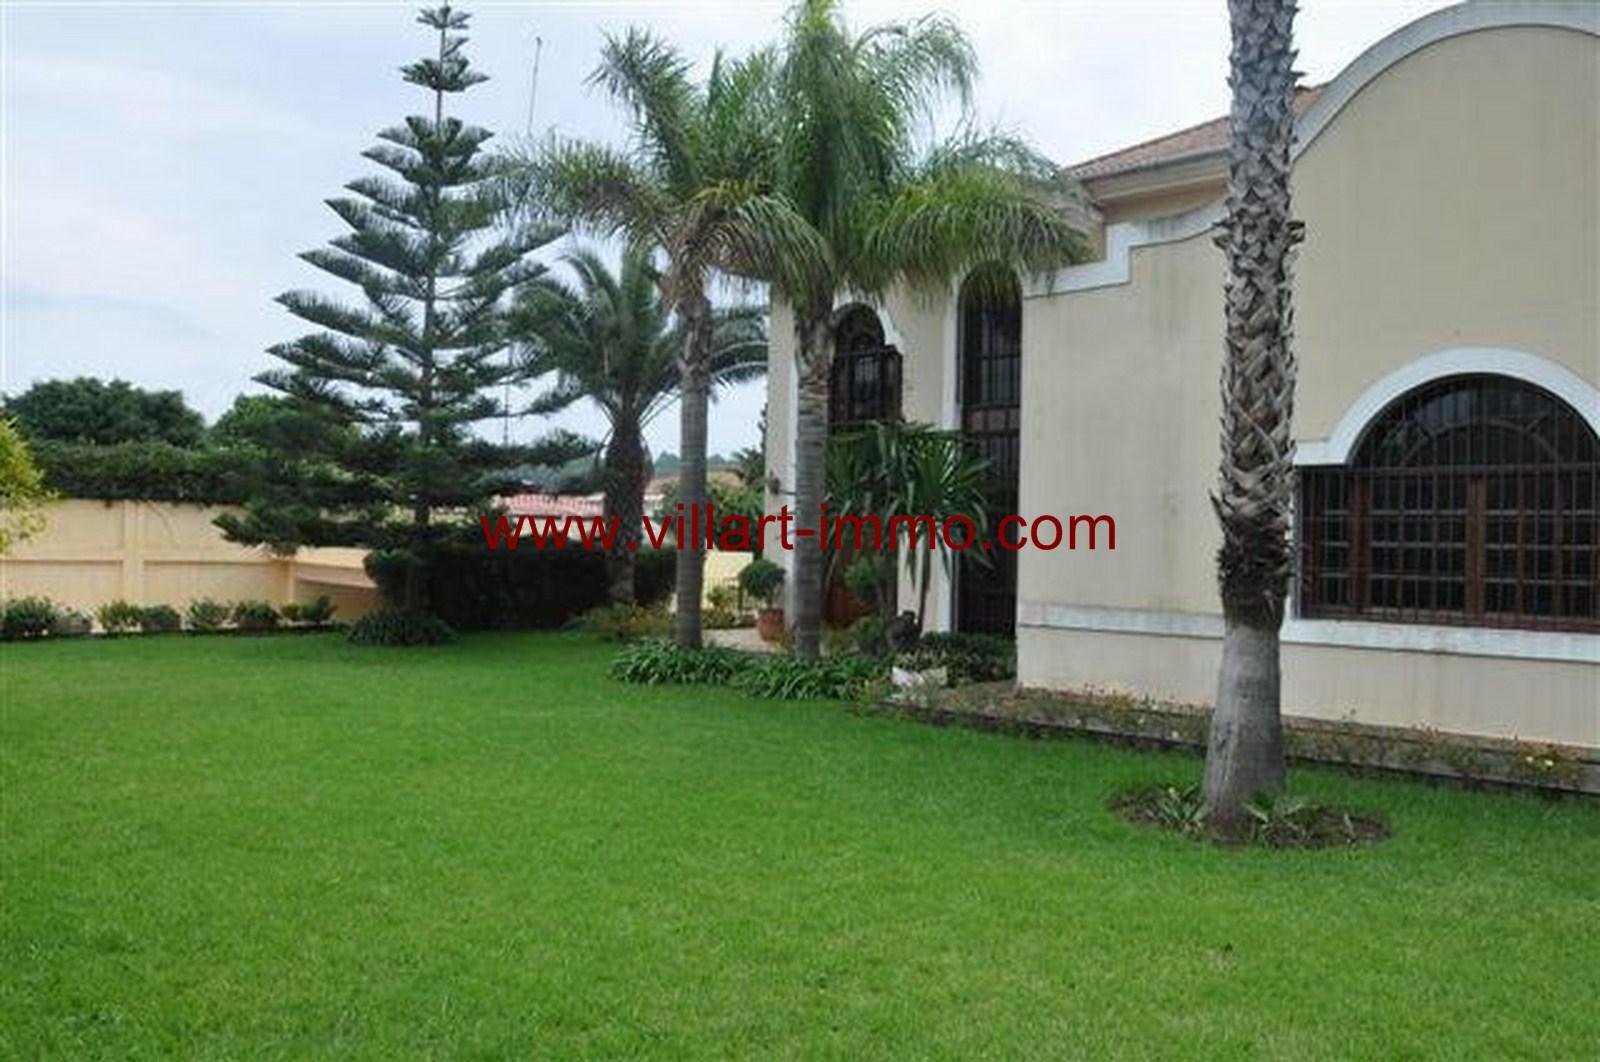 3-vente-villa-tanger-boubana-jardin-3-vv363-villart-immo